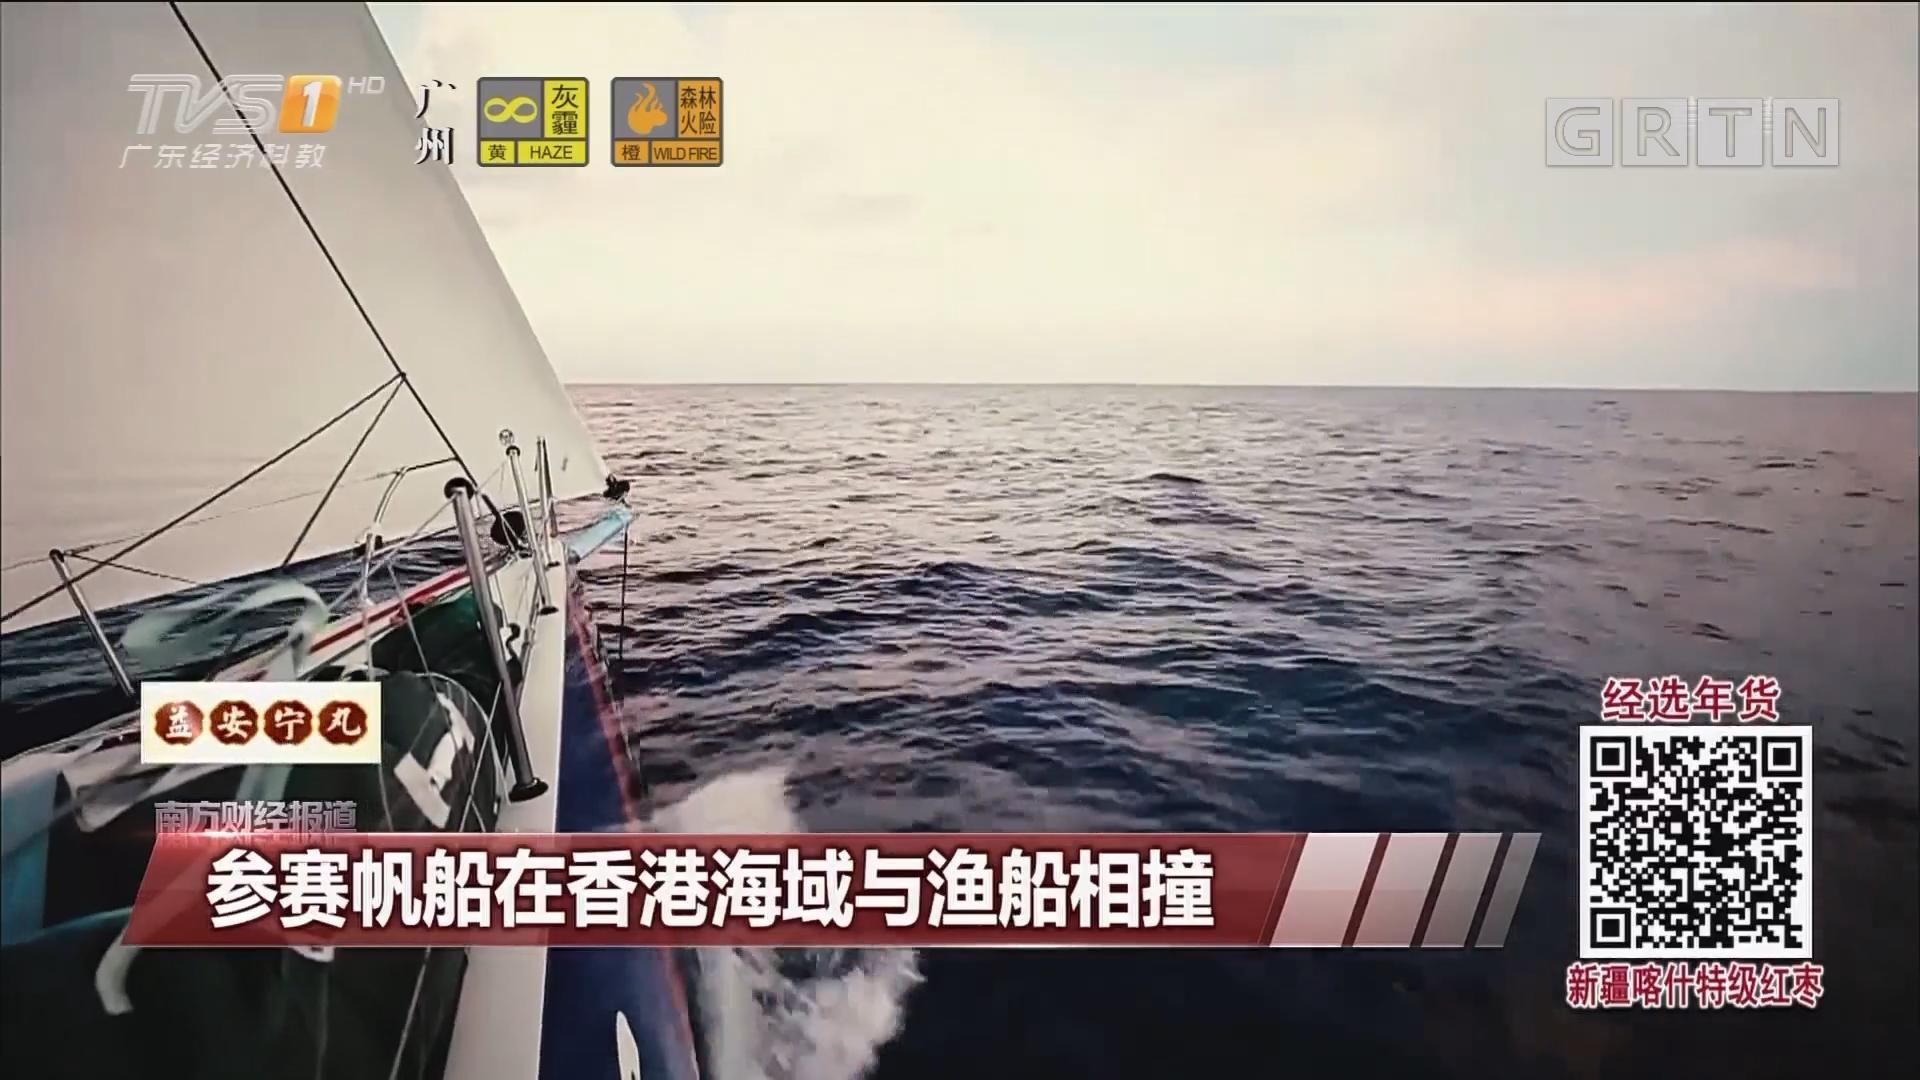 参赛帆船在香港海域与渔船相撞